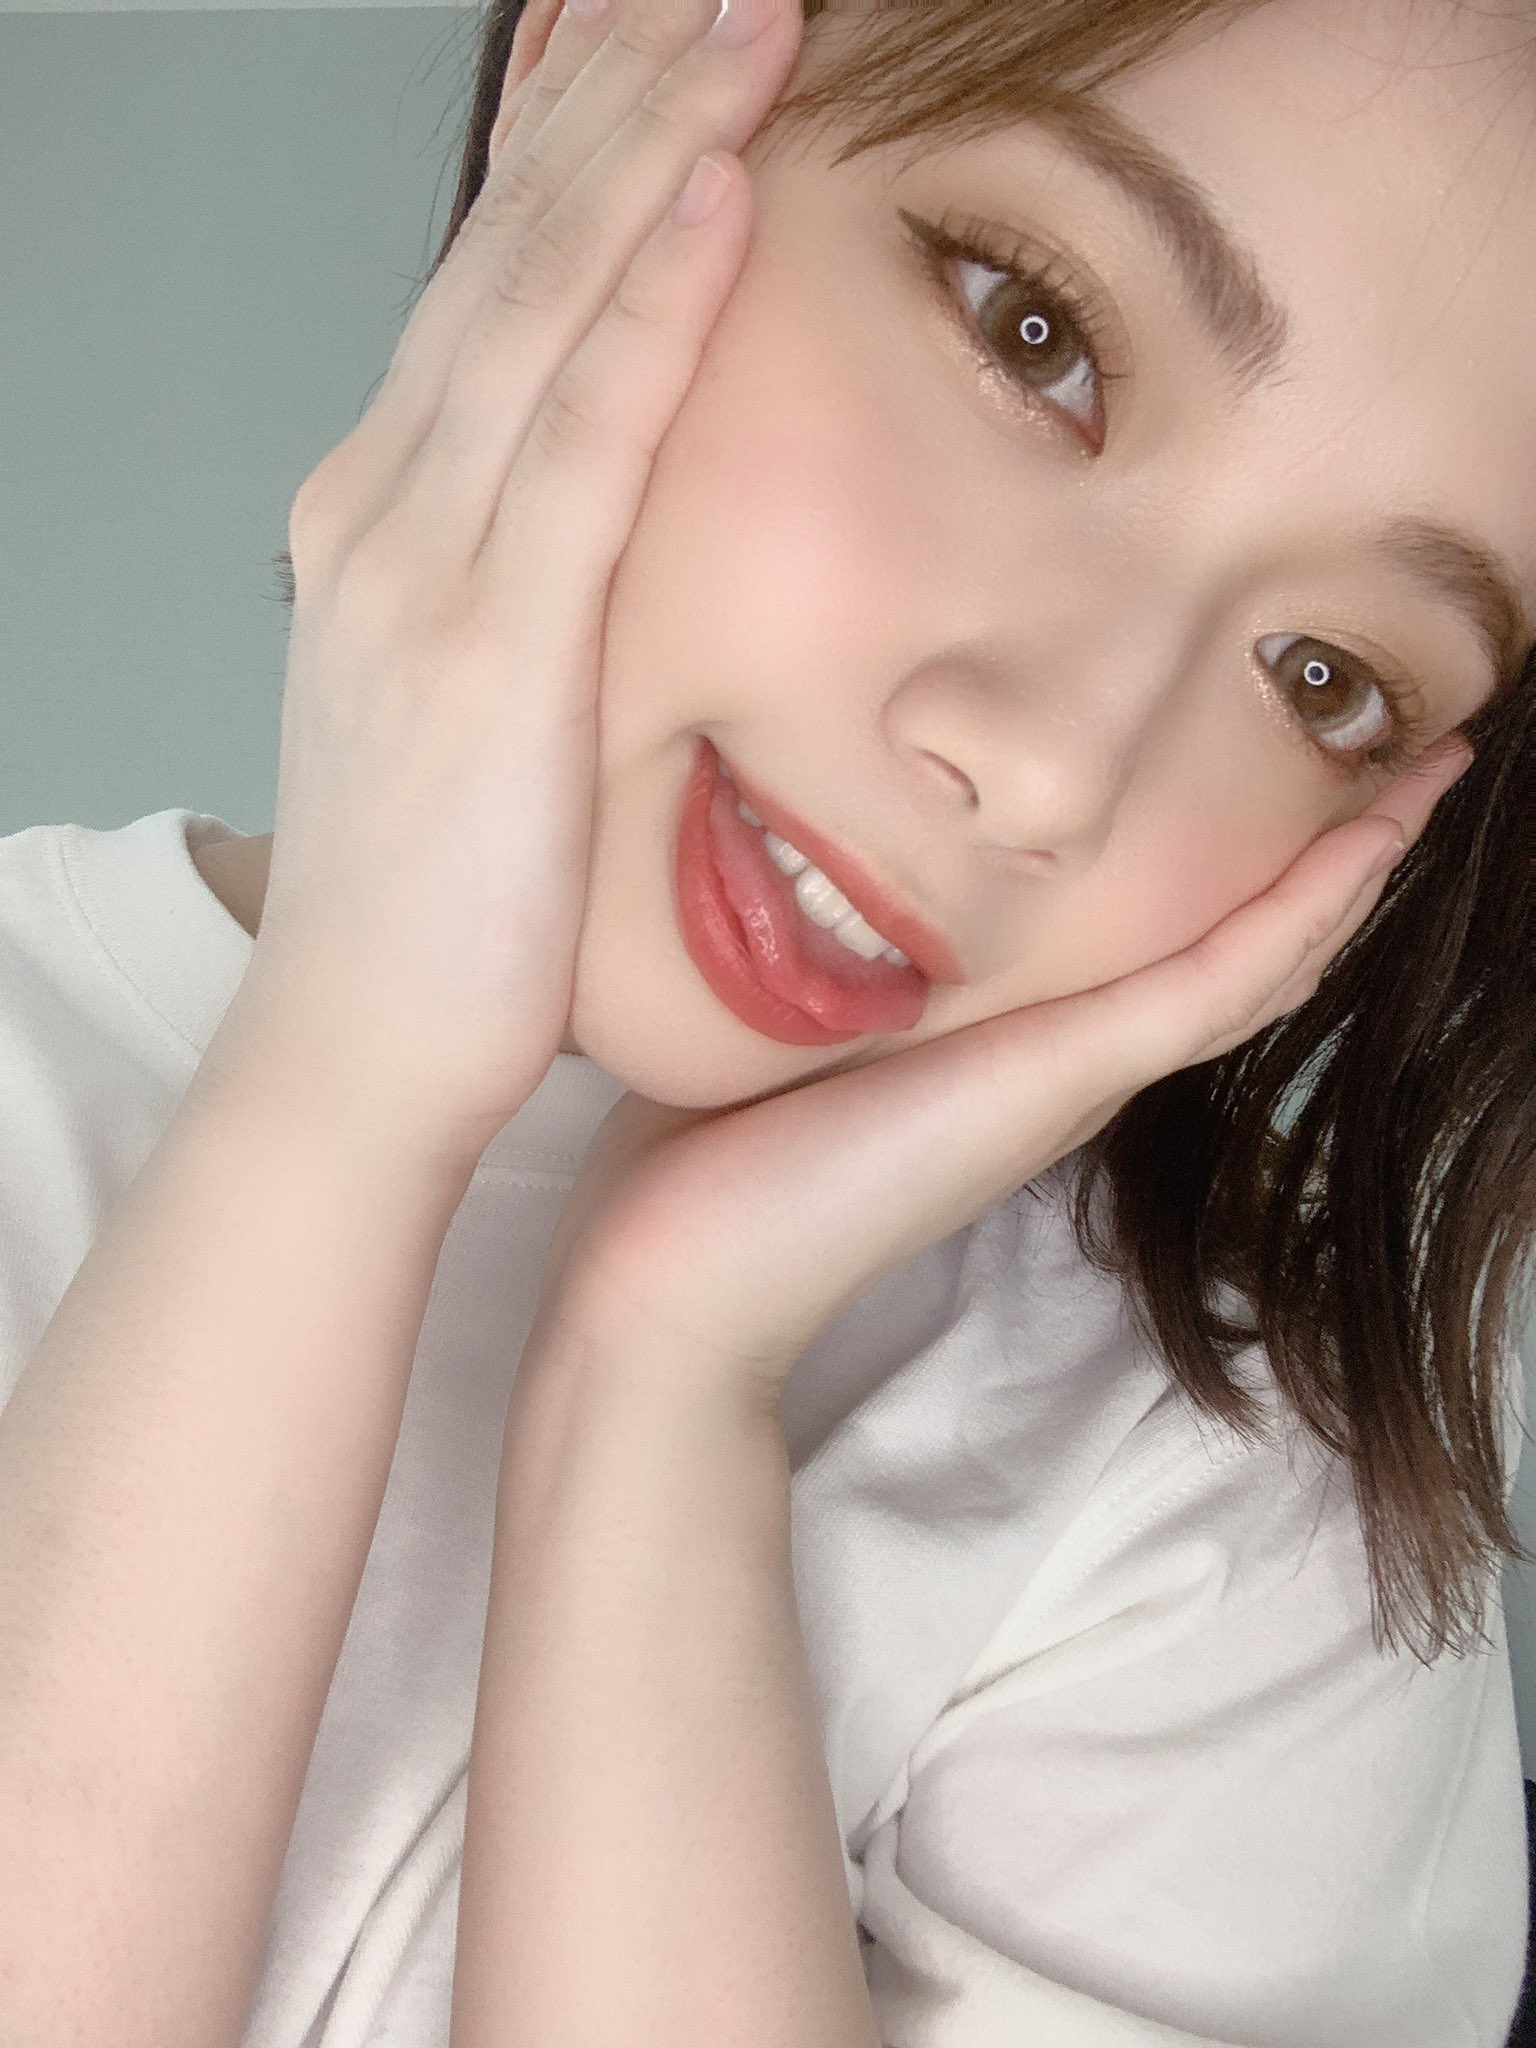 【石原希望エロ画像】フェラは玉まで舐める派!笑顔が素敵な美少女・石原希望